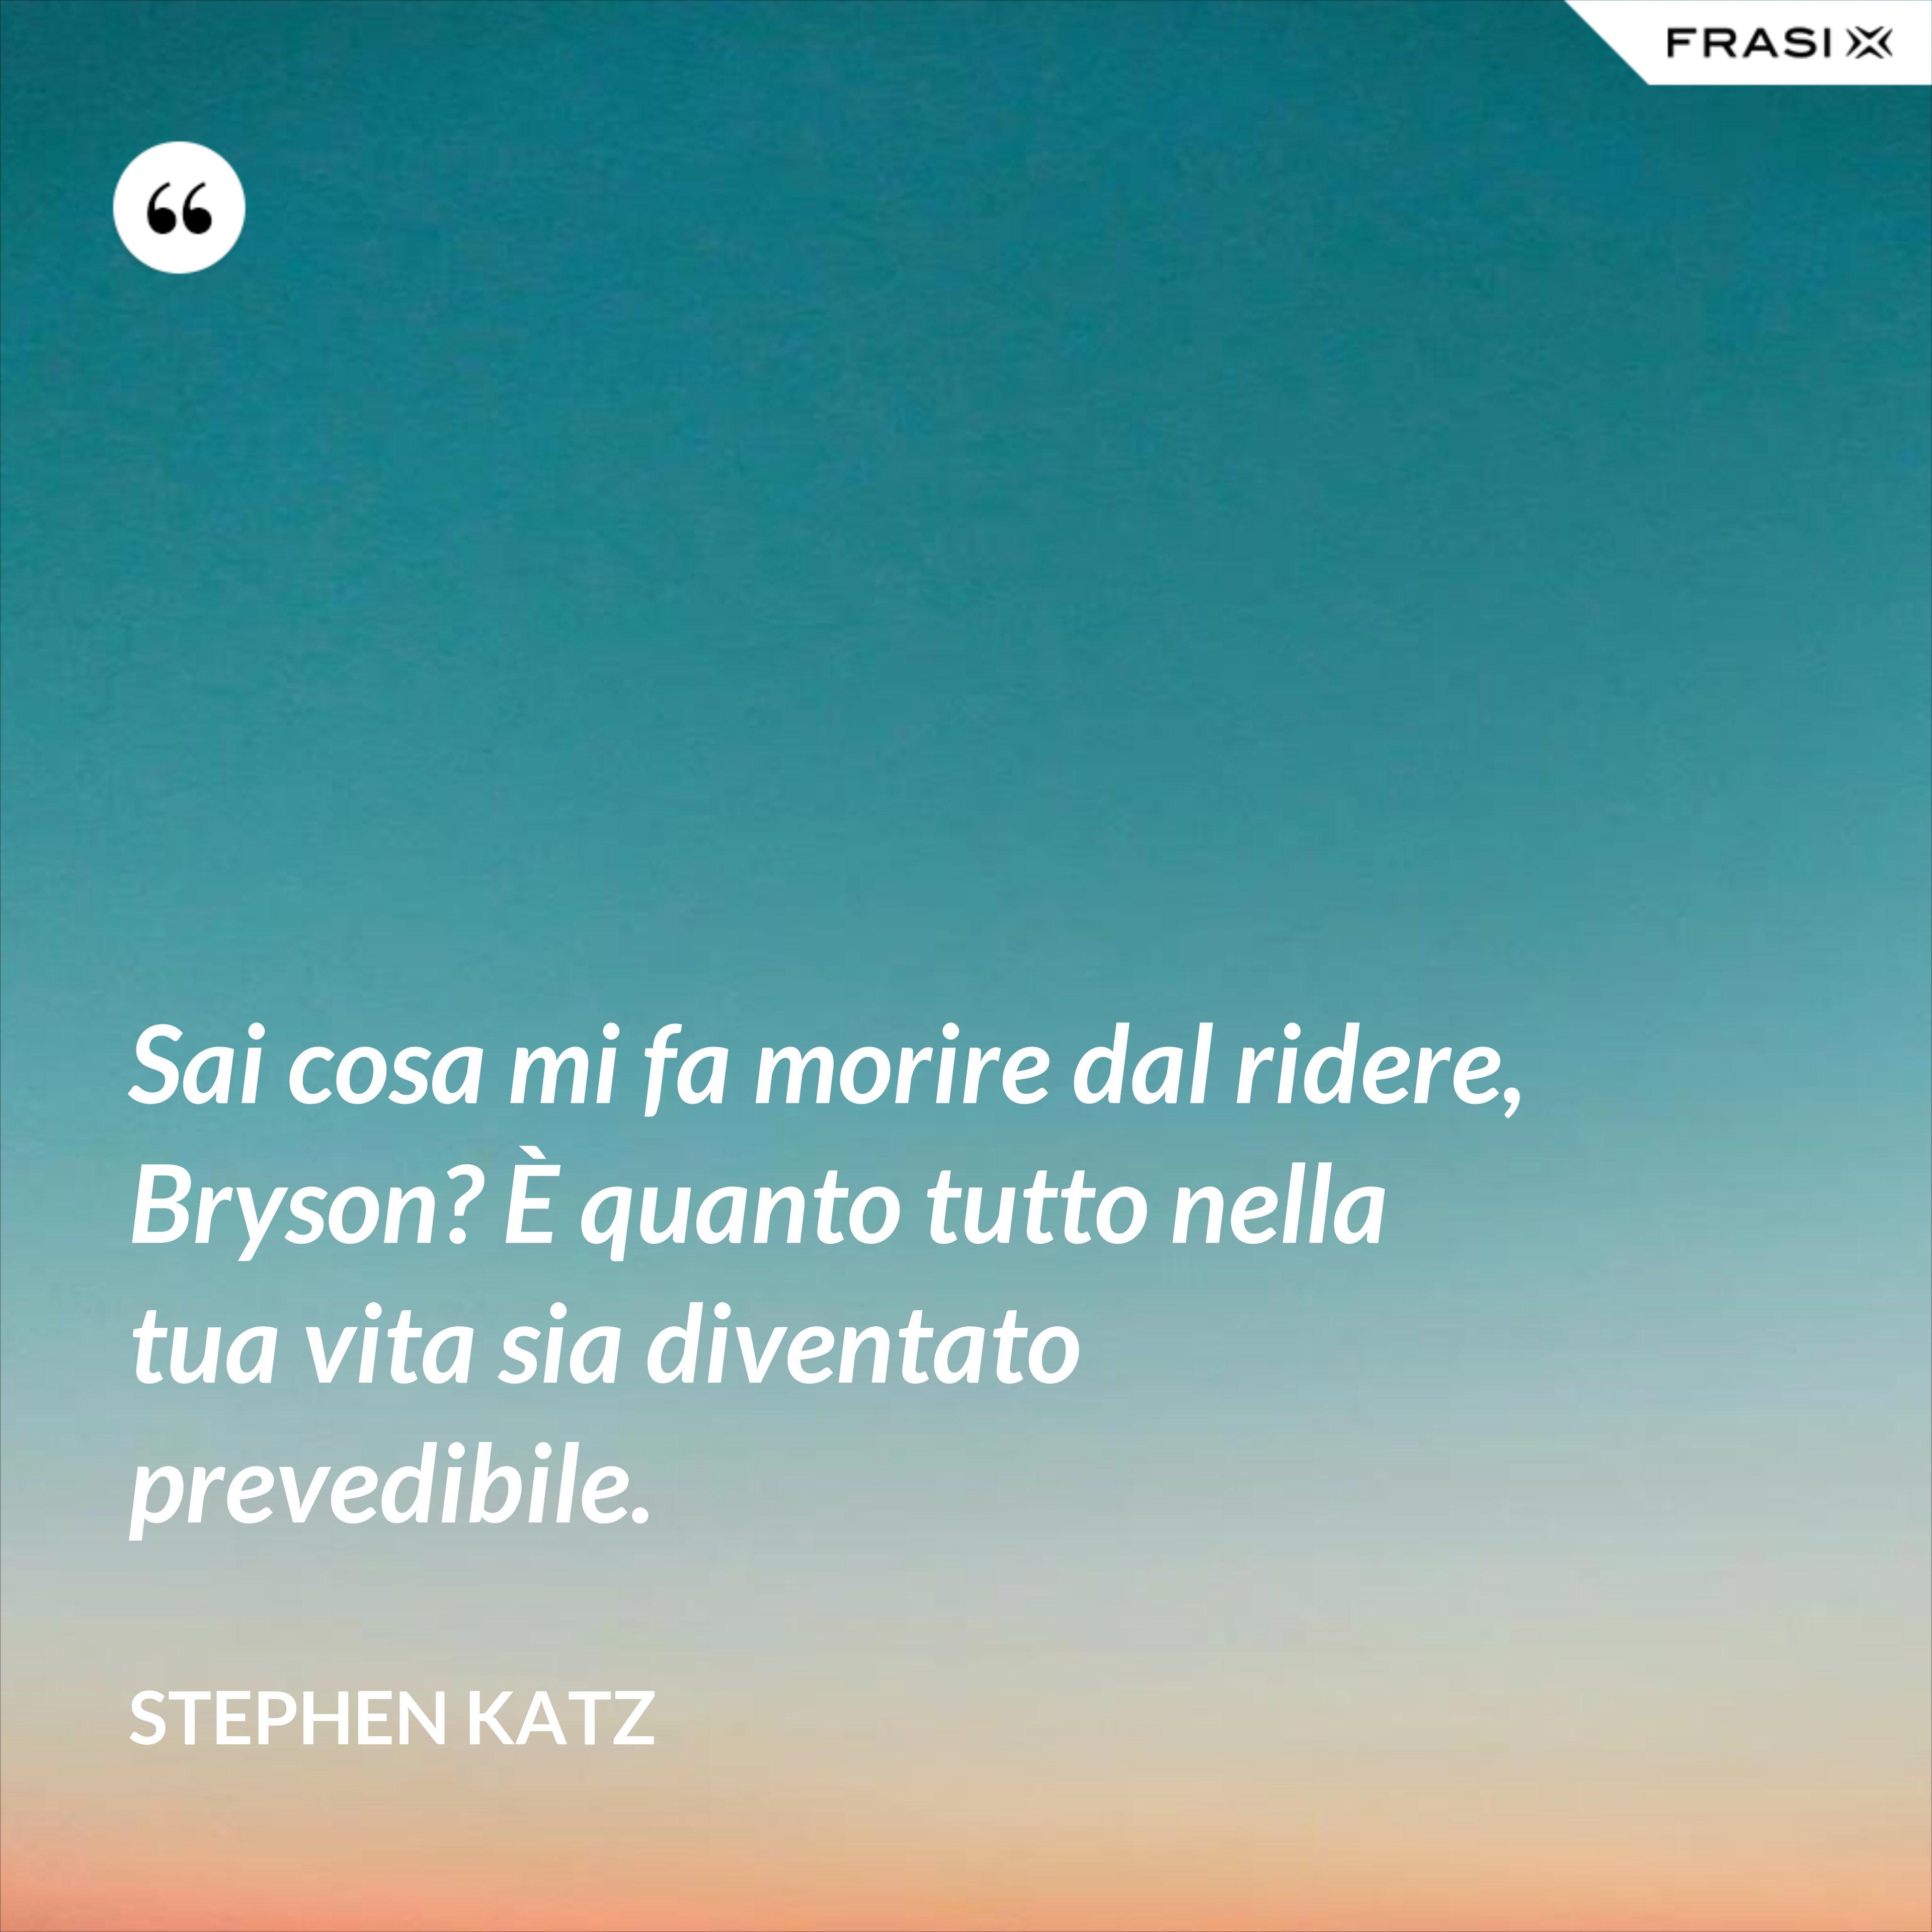 Sai cosa mi fa morire dal ridere, Bryson? È quanto tutto nella tua vita sia diventato prevedibile. - Stephen Katz